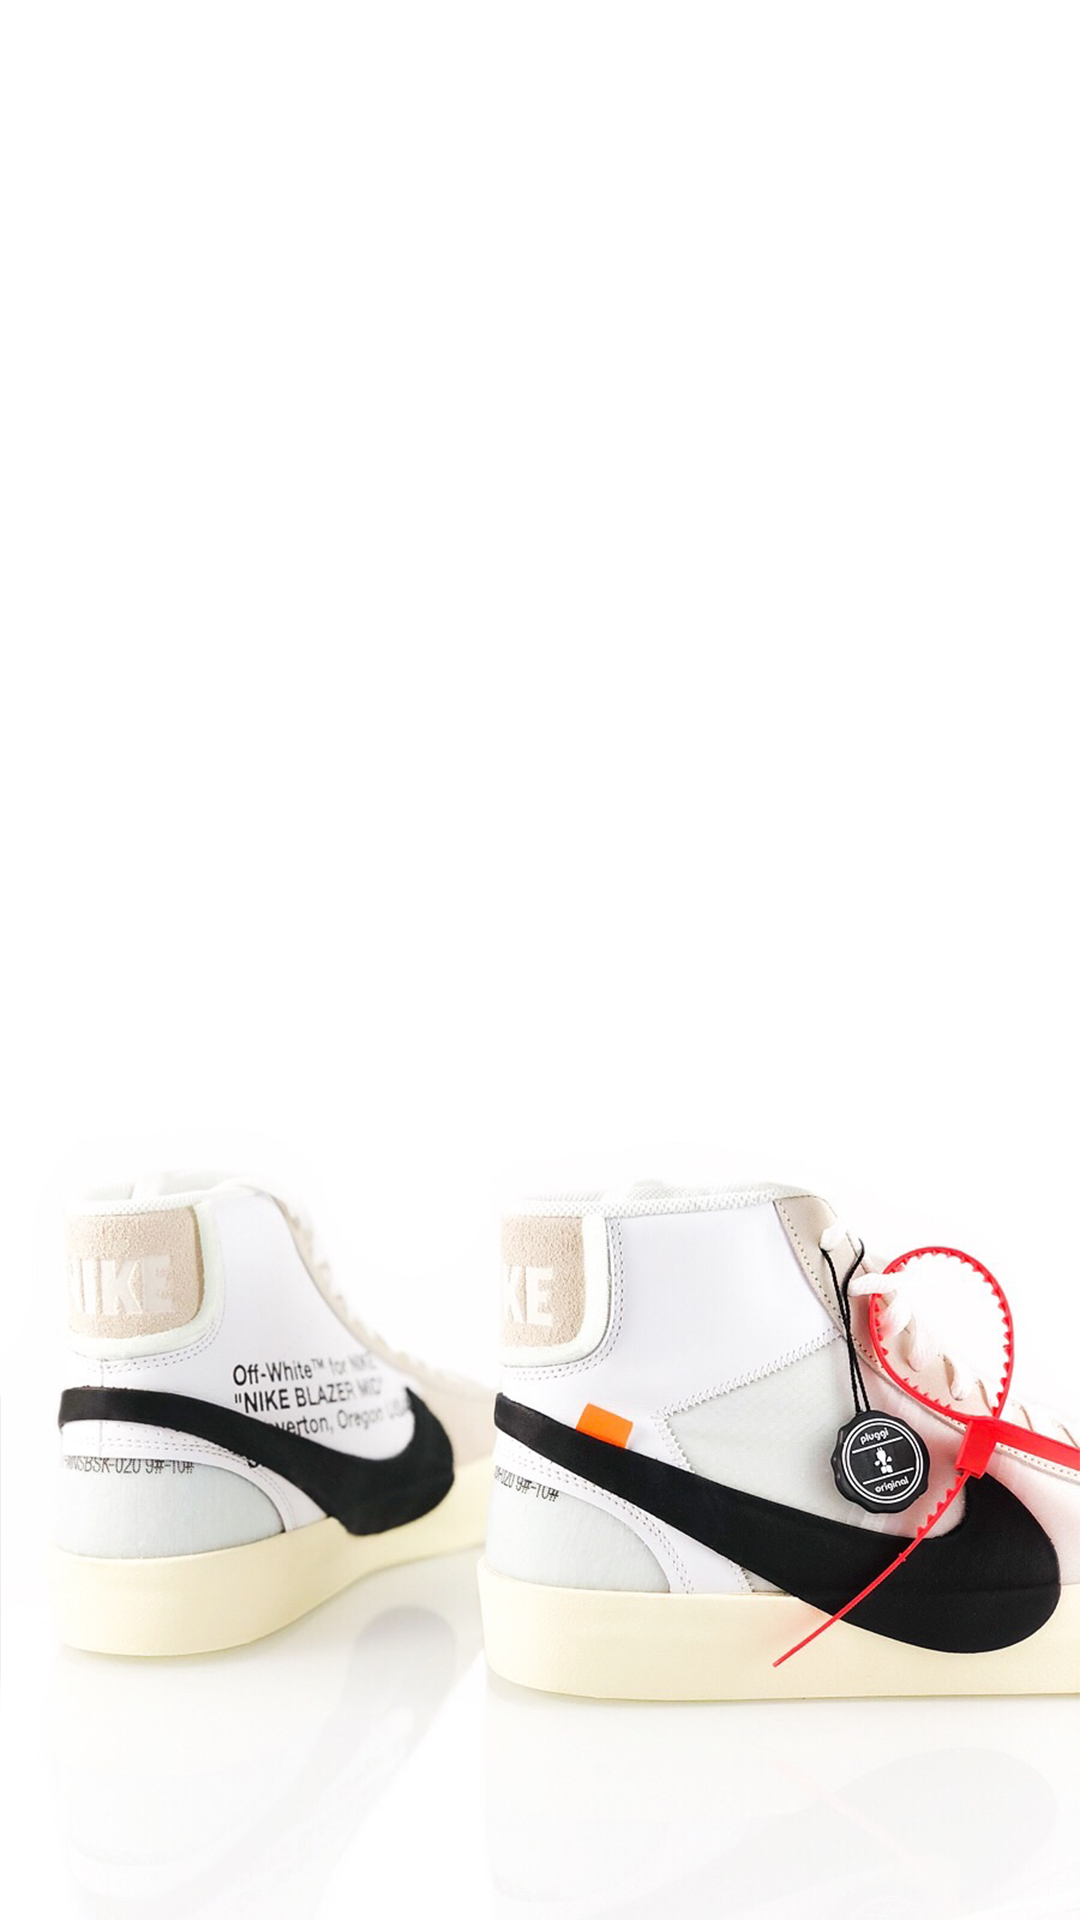 Off-White x Nike Blazer Mid | Nike